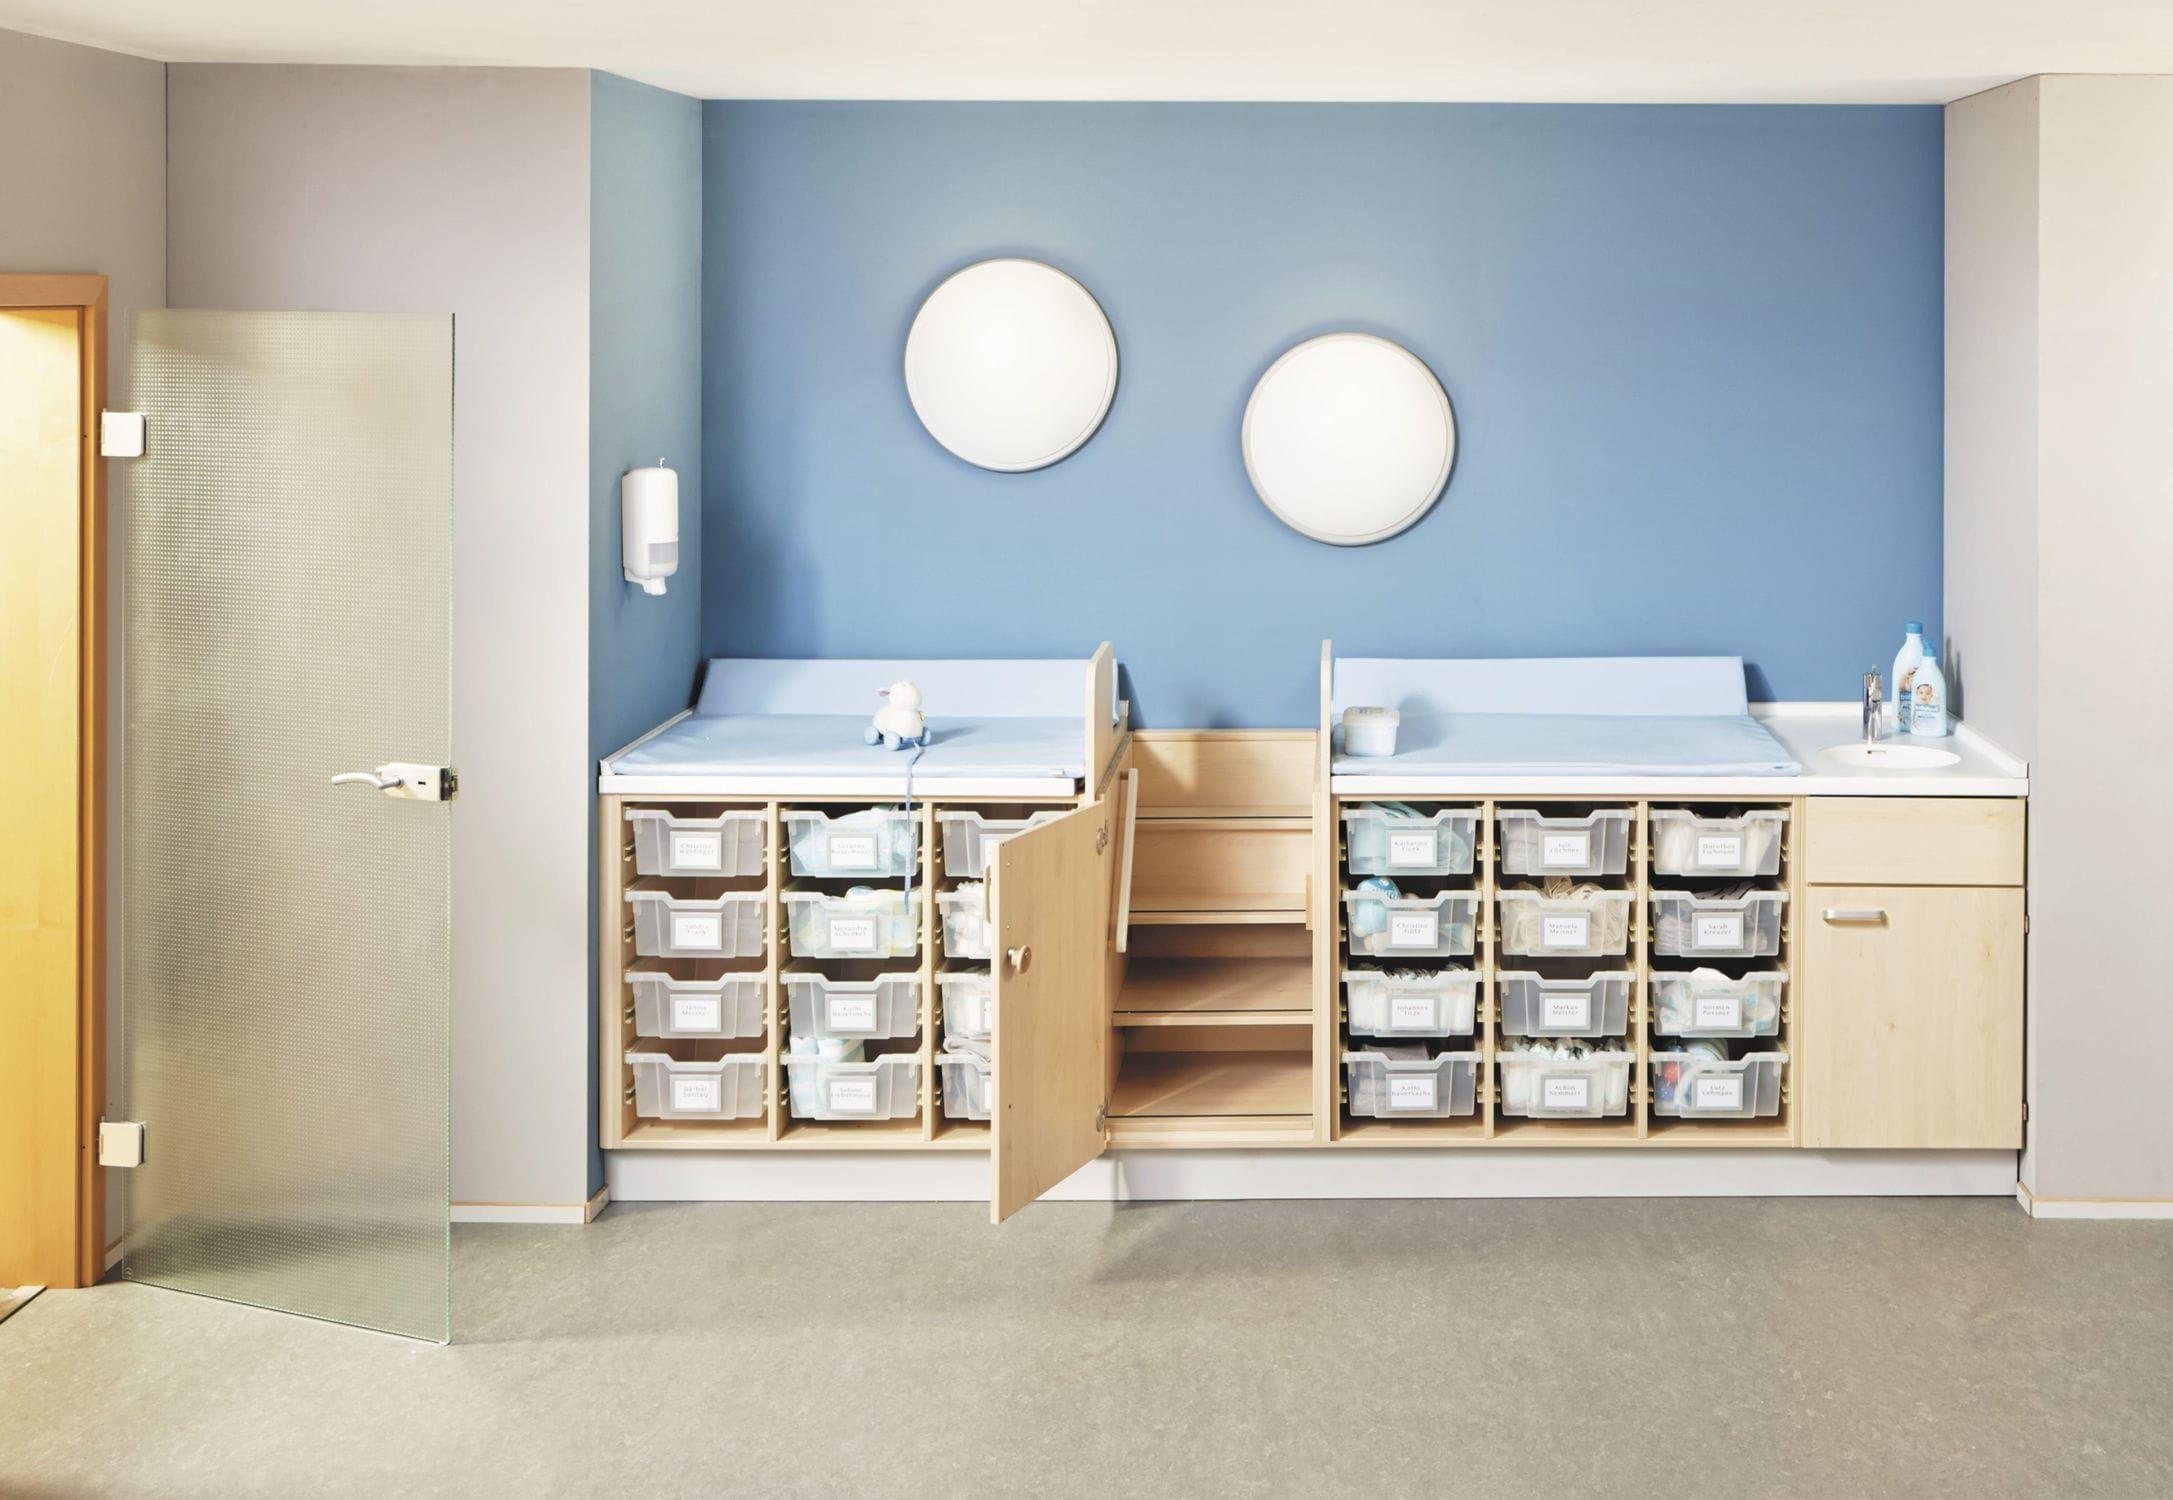 Holz wickeltisch mit badewanne f r berufliche nutzung for Raumgestaltung tagesmutter